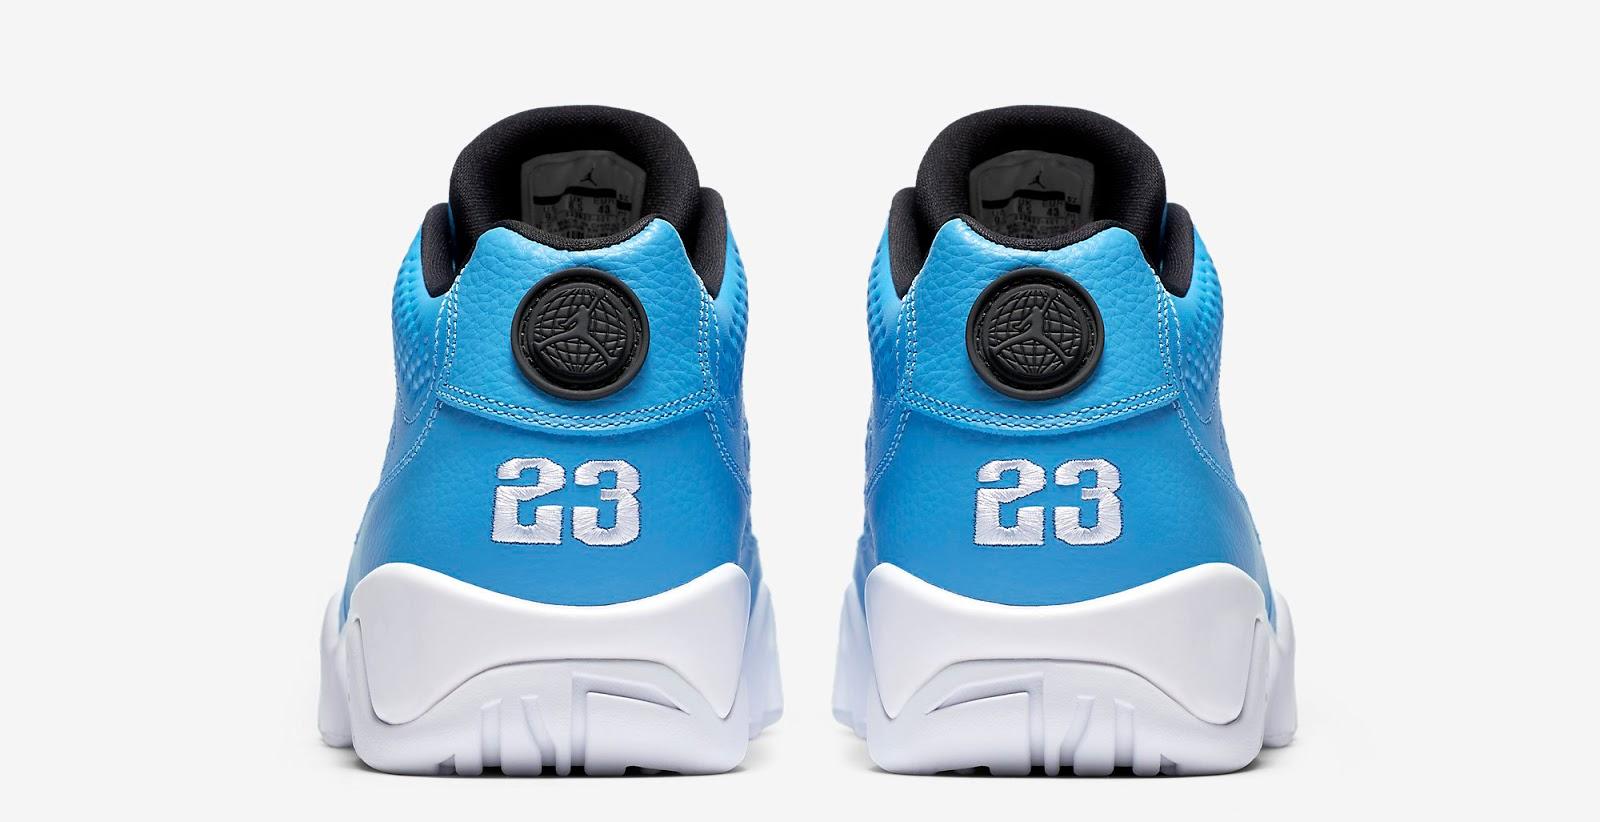 c099b230463 ... switzerland ajordanxi your 1 source for sneaker release dates air jordan  9 retro low pantone university